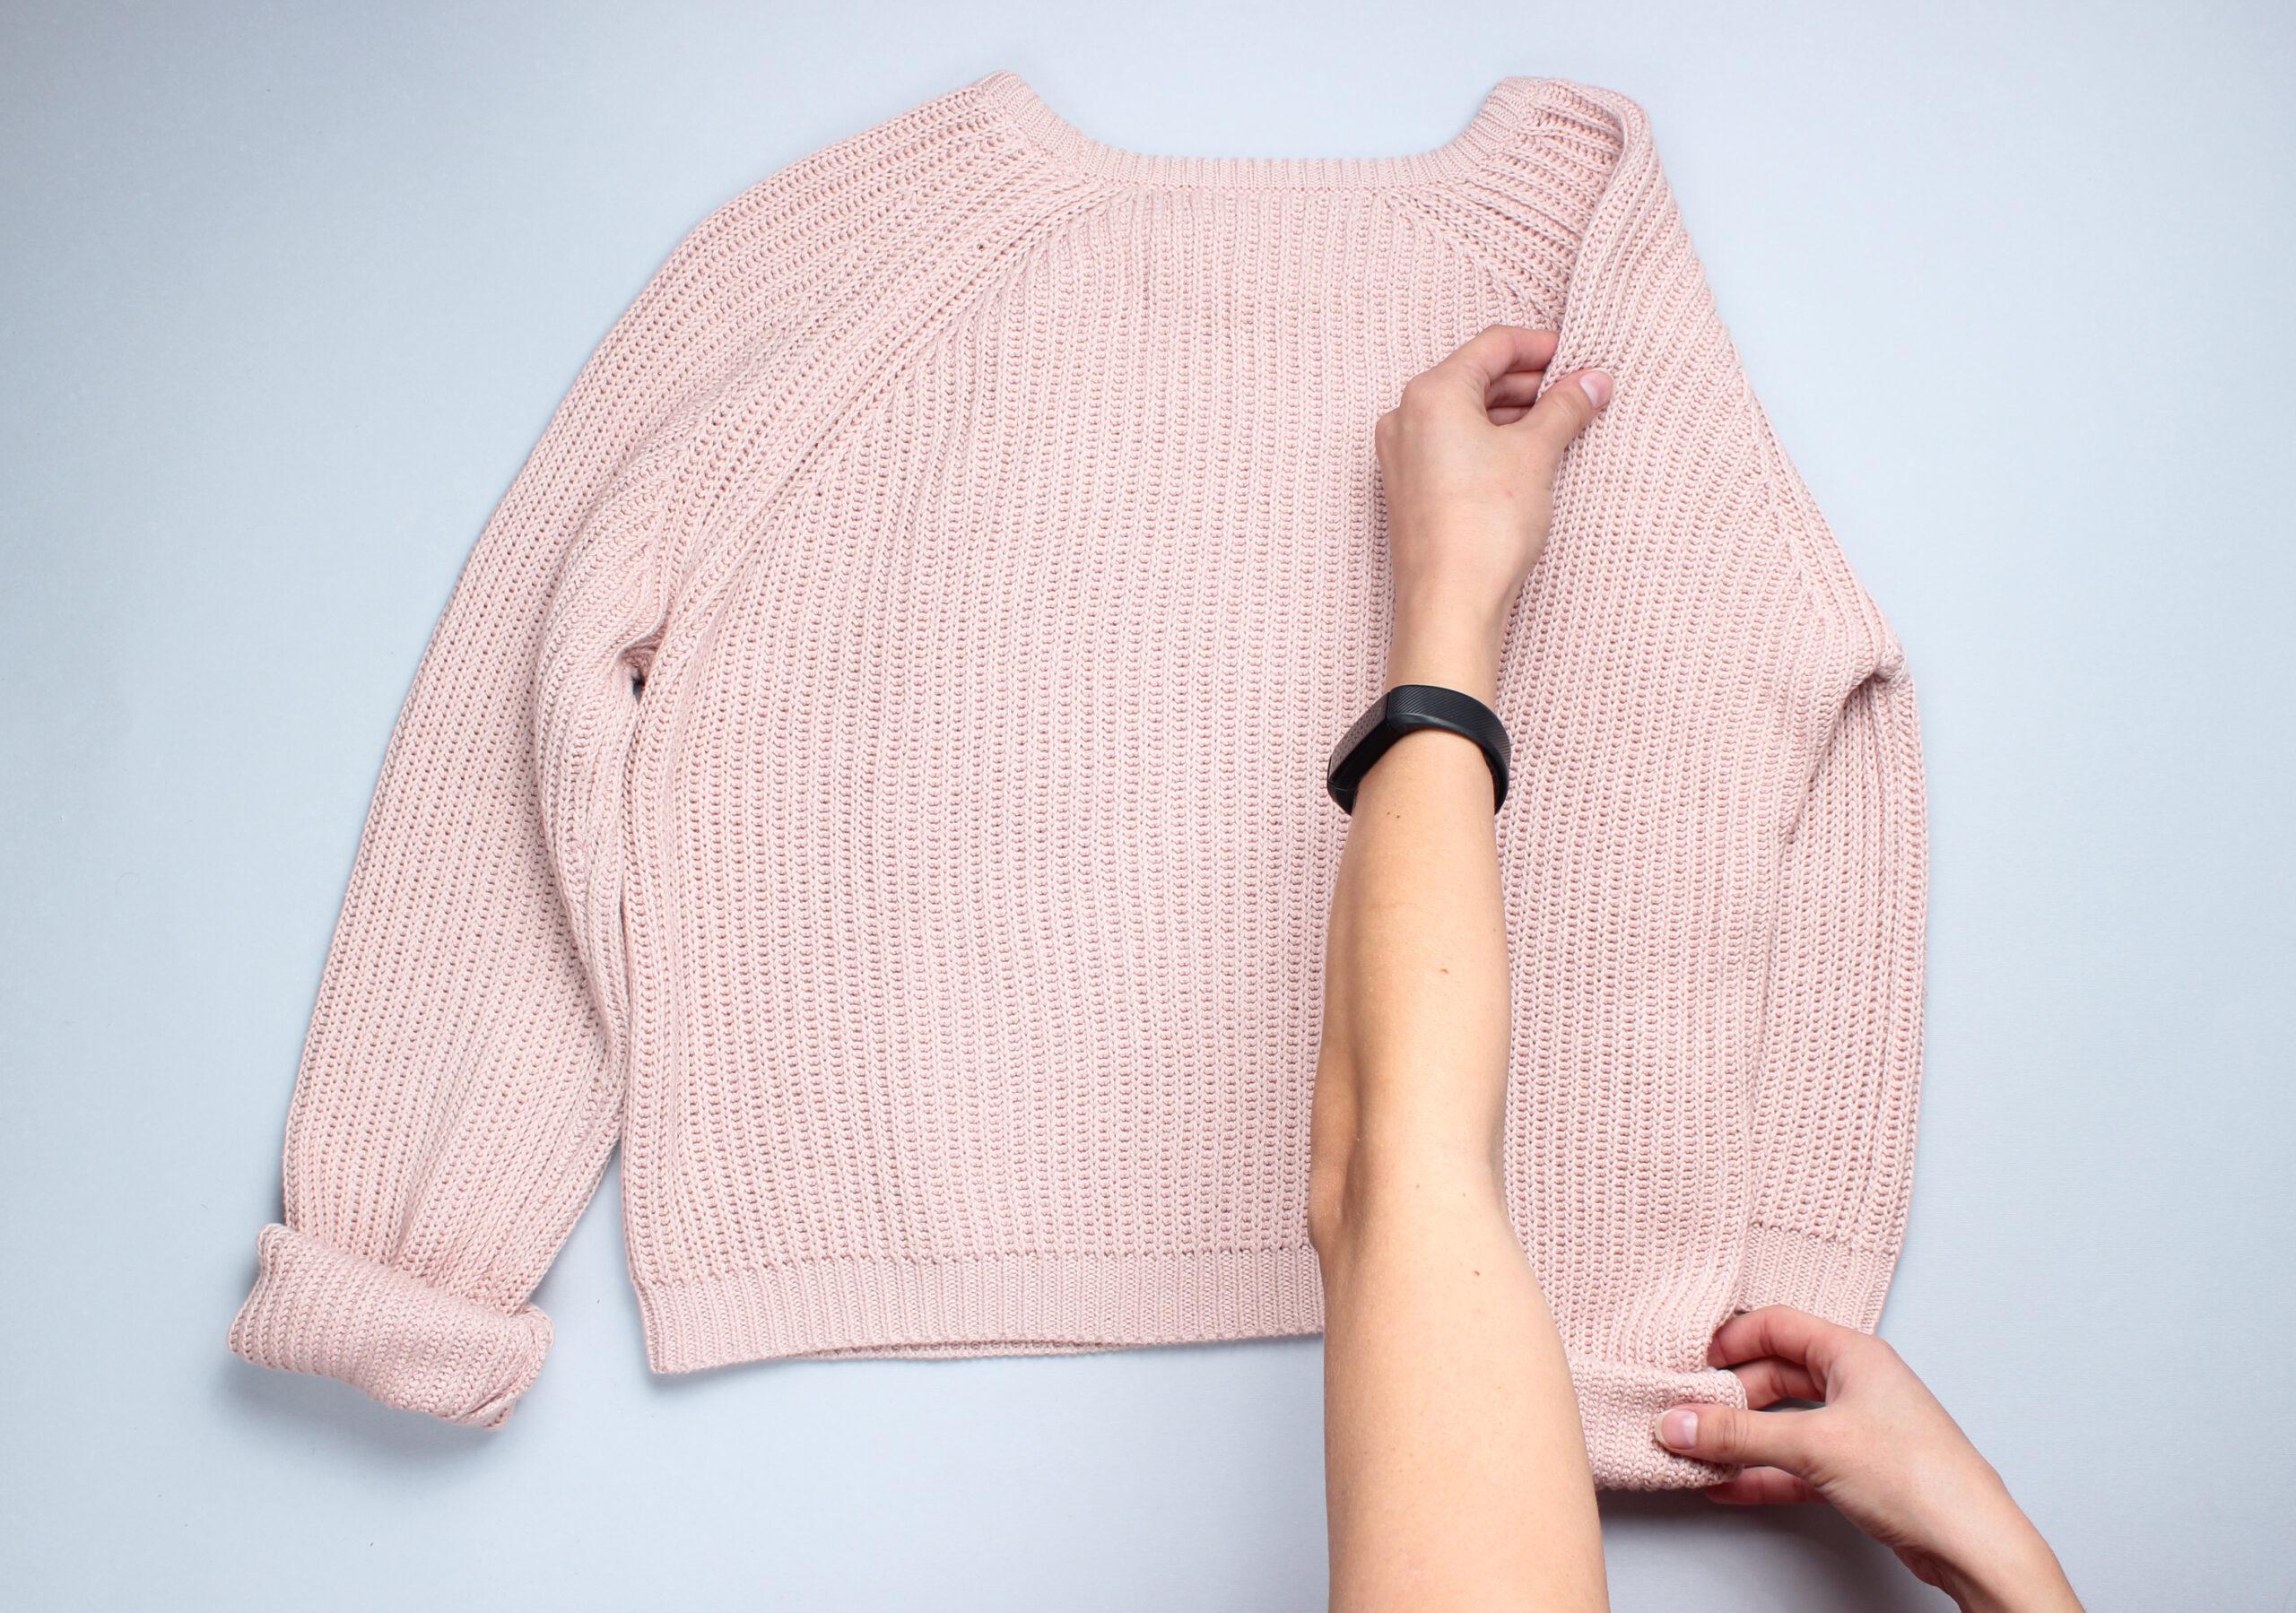 衣替えの季節!古着の冬ニットを上手に畳んで収納する方法